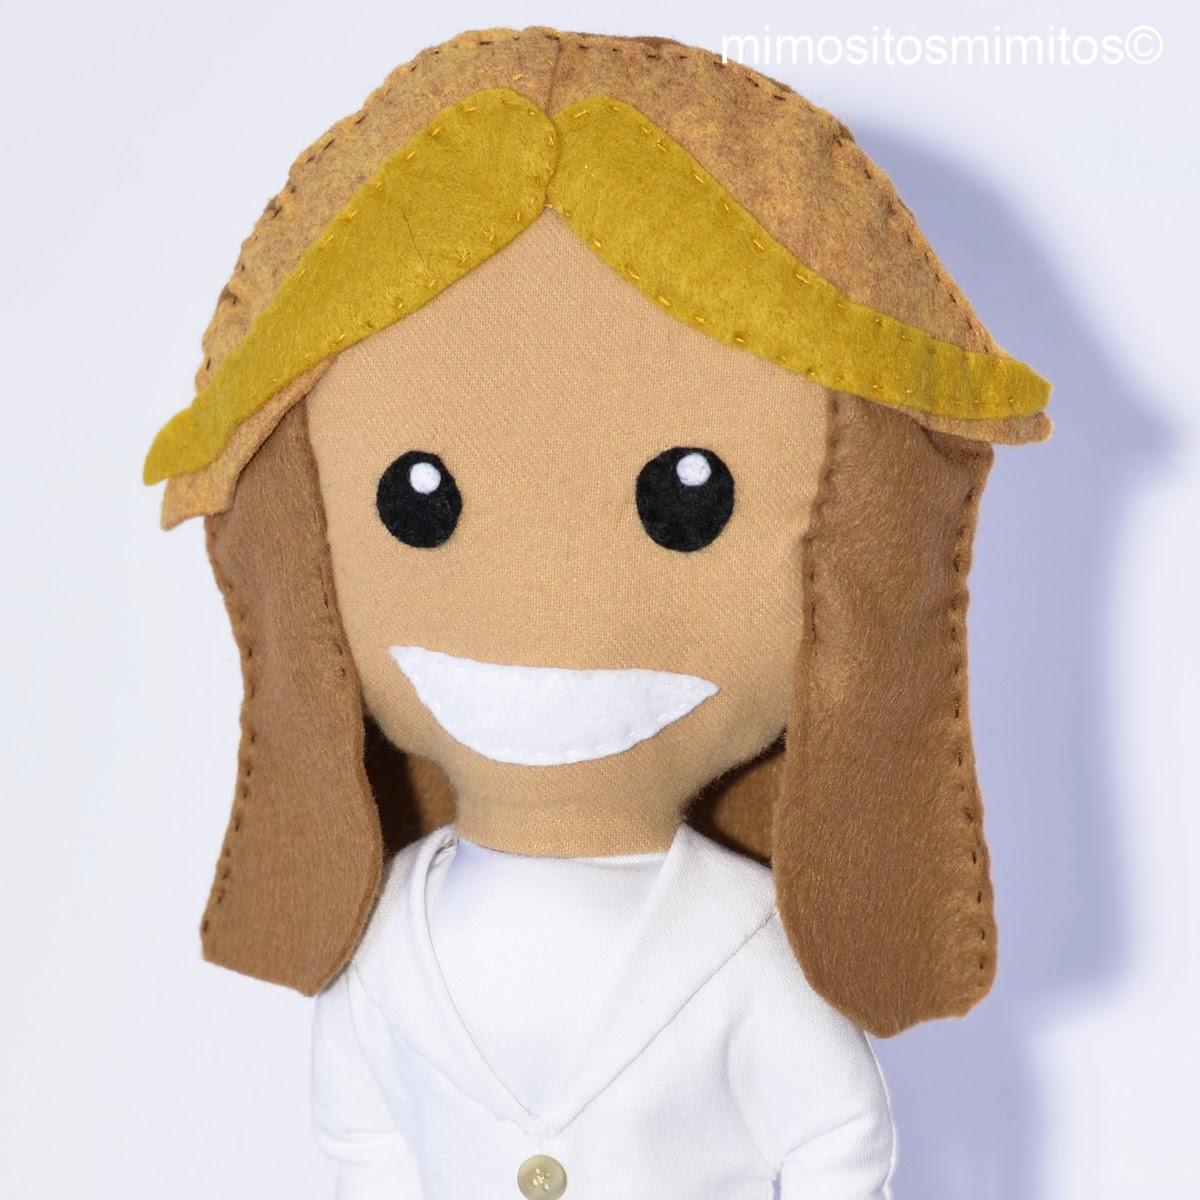 toñi moreno TVE programa entre todos muñeco personalizado